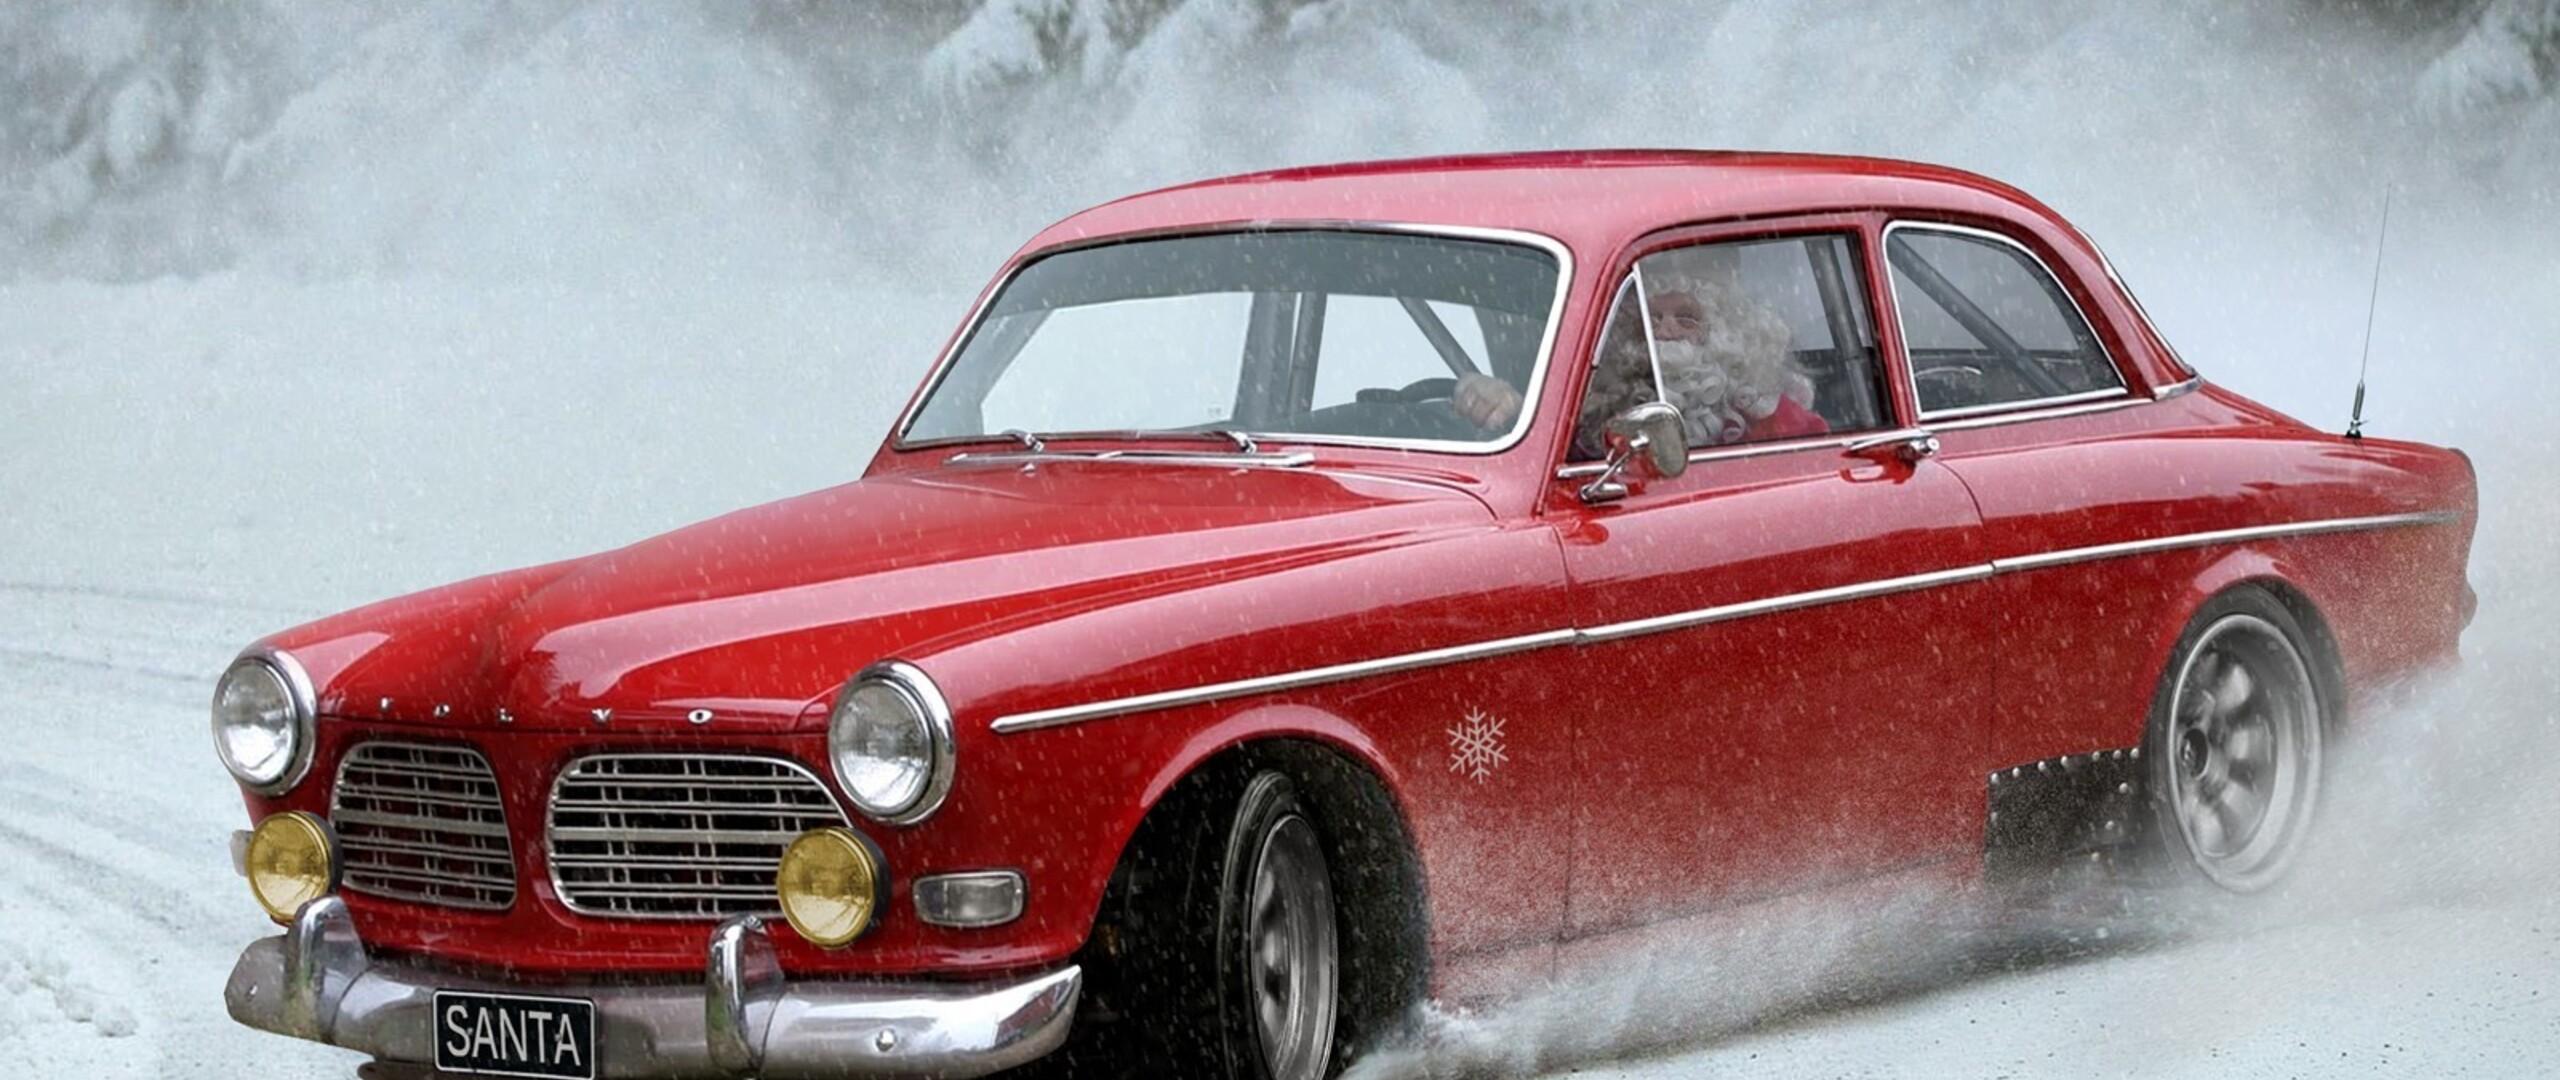 santa-claus-drifting-car-hd.jpg